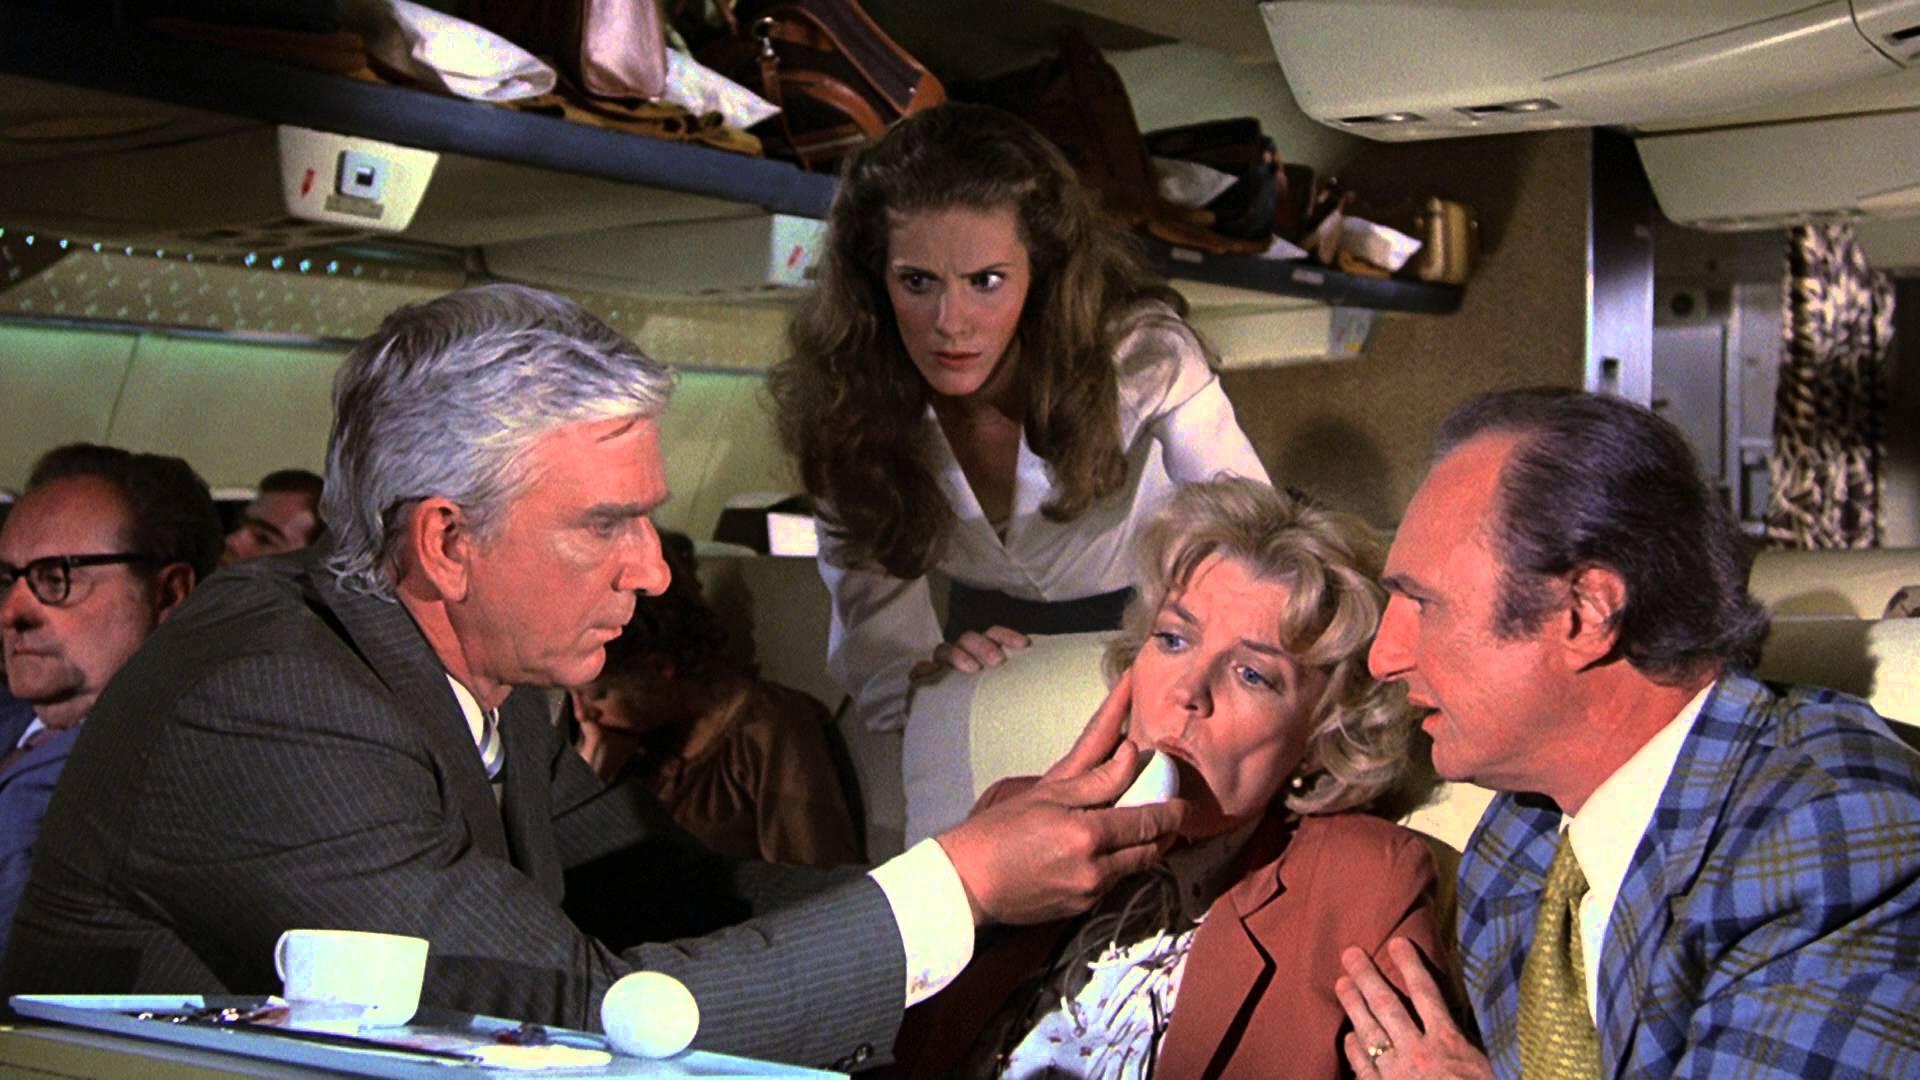 MAYDAY, MEDICAL: In-flight Emergencies